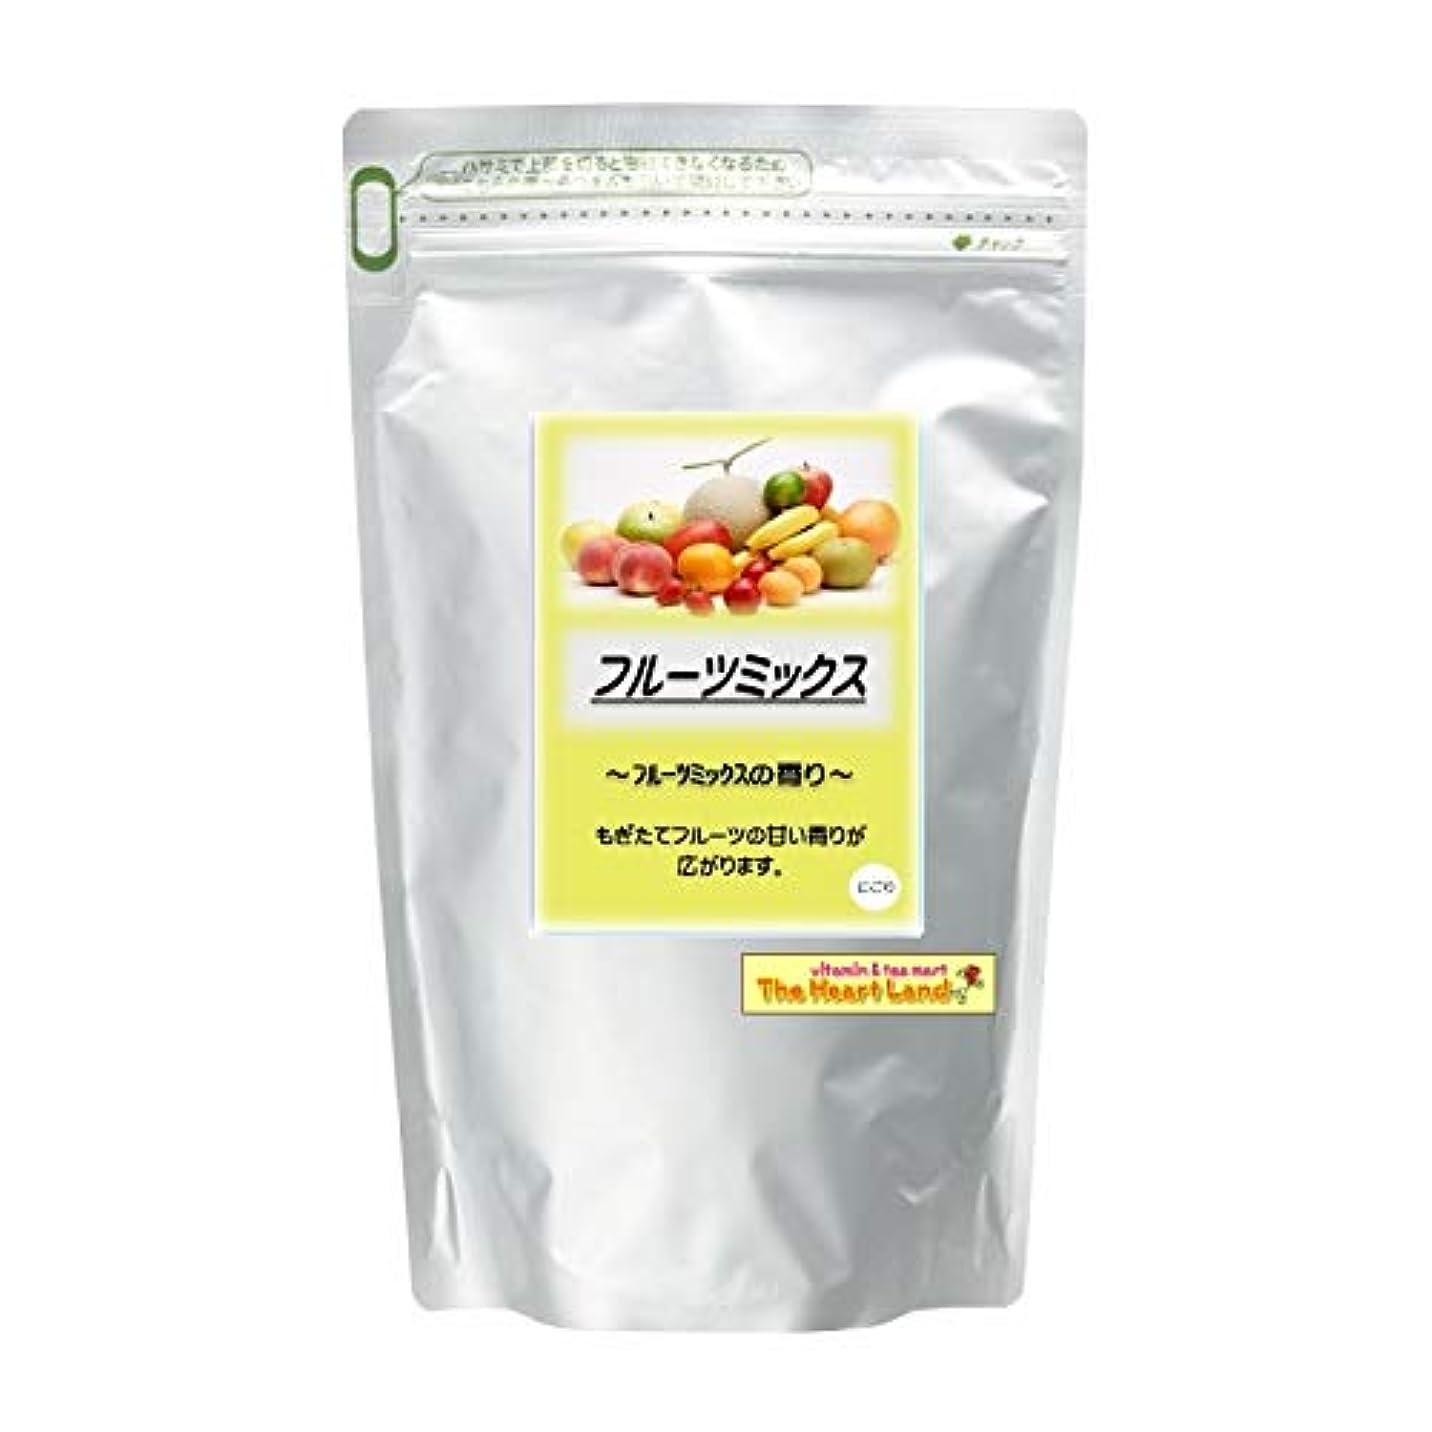 四半期排出デュアルアサヒ入浴剤 浴用入浴化粧品 フルーツミックス 2.5kg